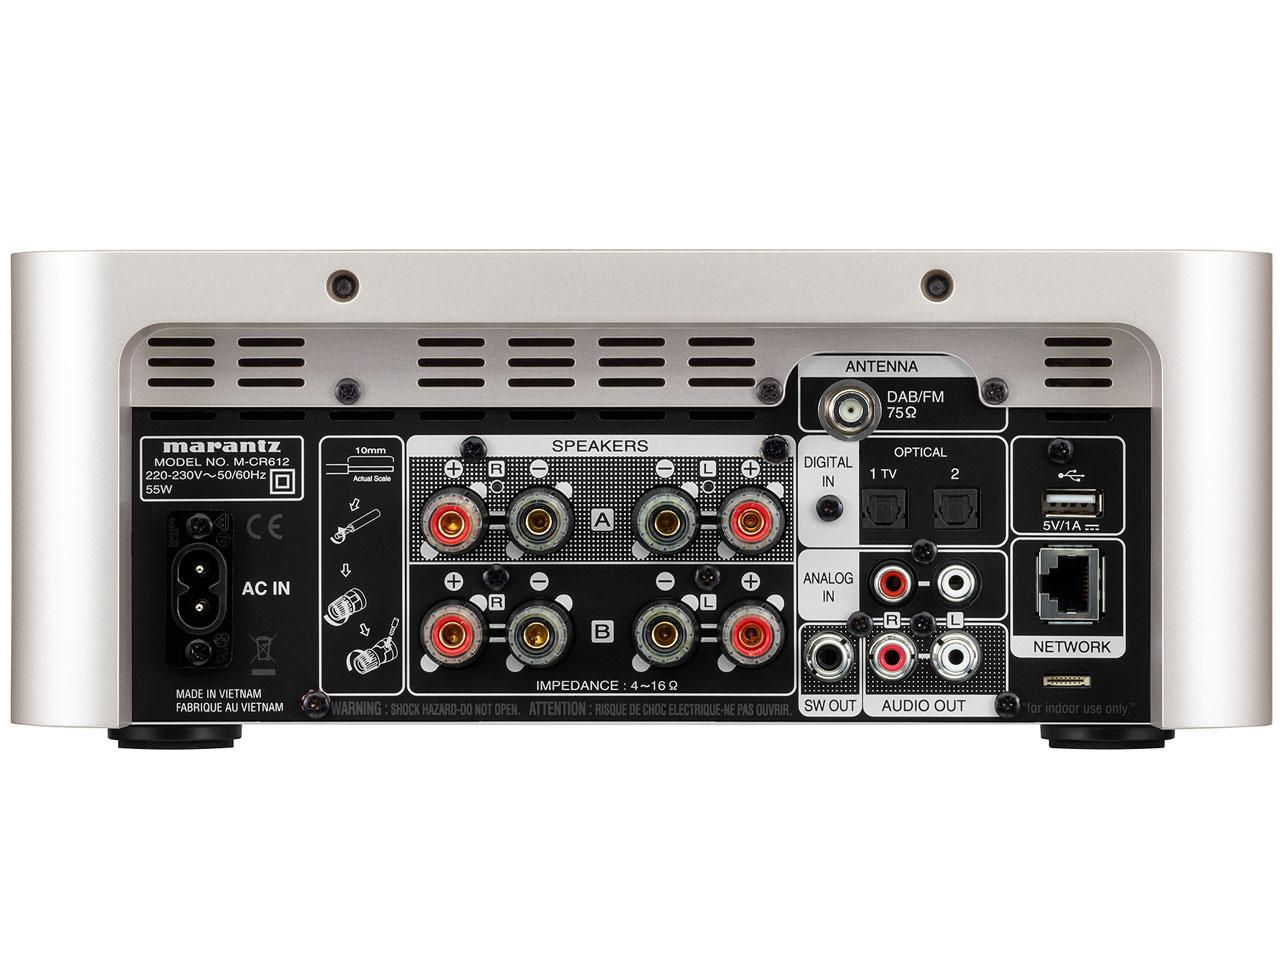 『本体 背面』 M-CR612 [シルバーゴールド] の製品画像